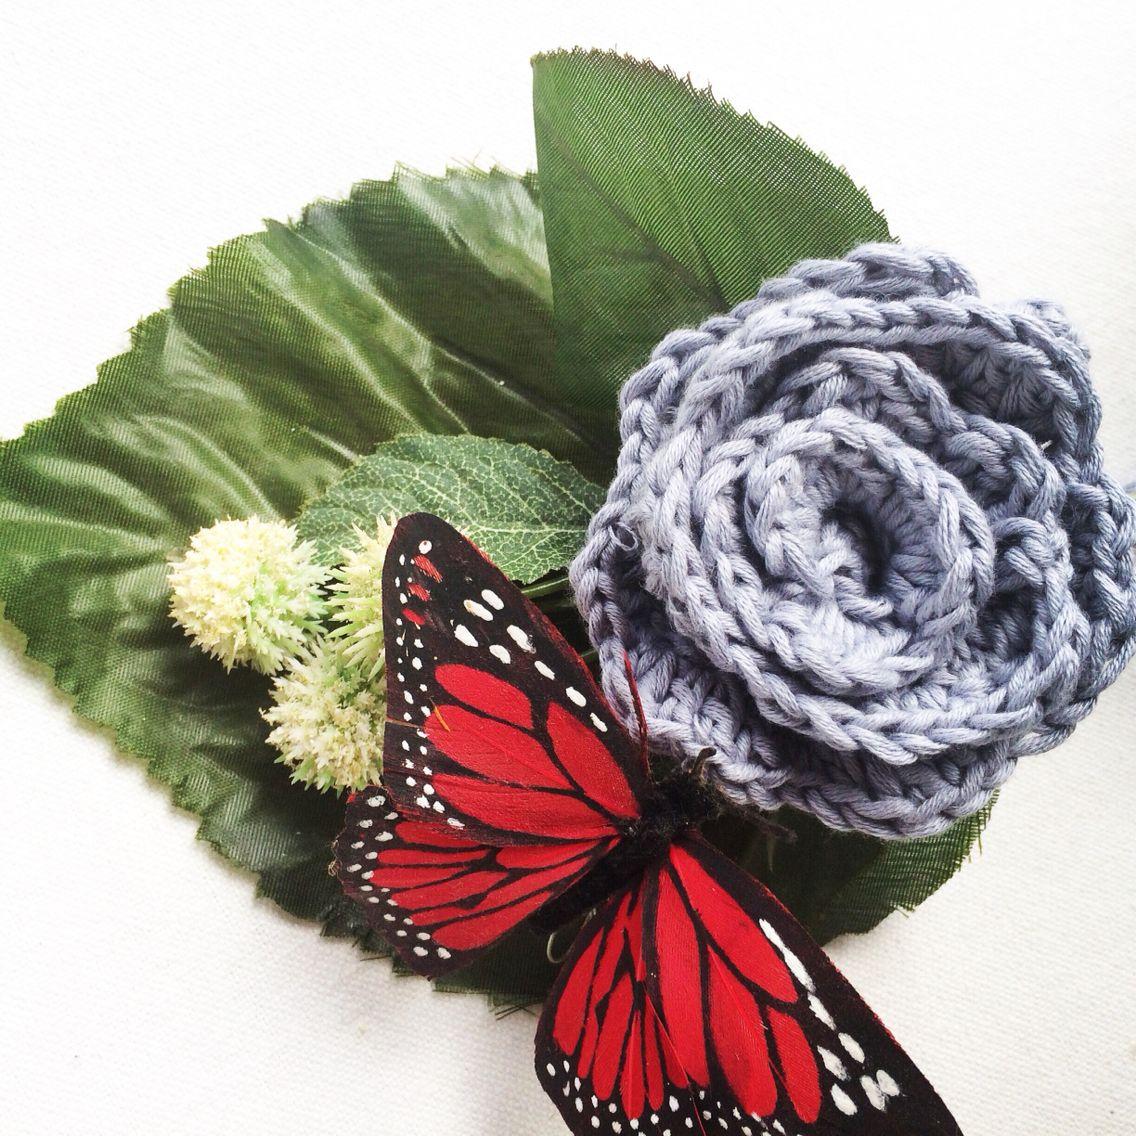 Flor de ganchillo con algodón gris de #weareknitters #knit #knitting #knittingisthenewyoga #instaknit #wool #tejer #tejermola #handknitted #handmade #diy #yesweknit #wak #weareknitters #iknit #cotton #algodon #wakstyle